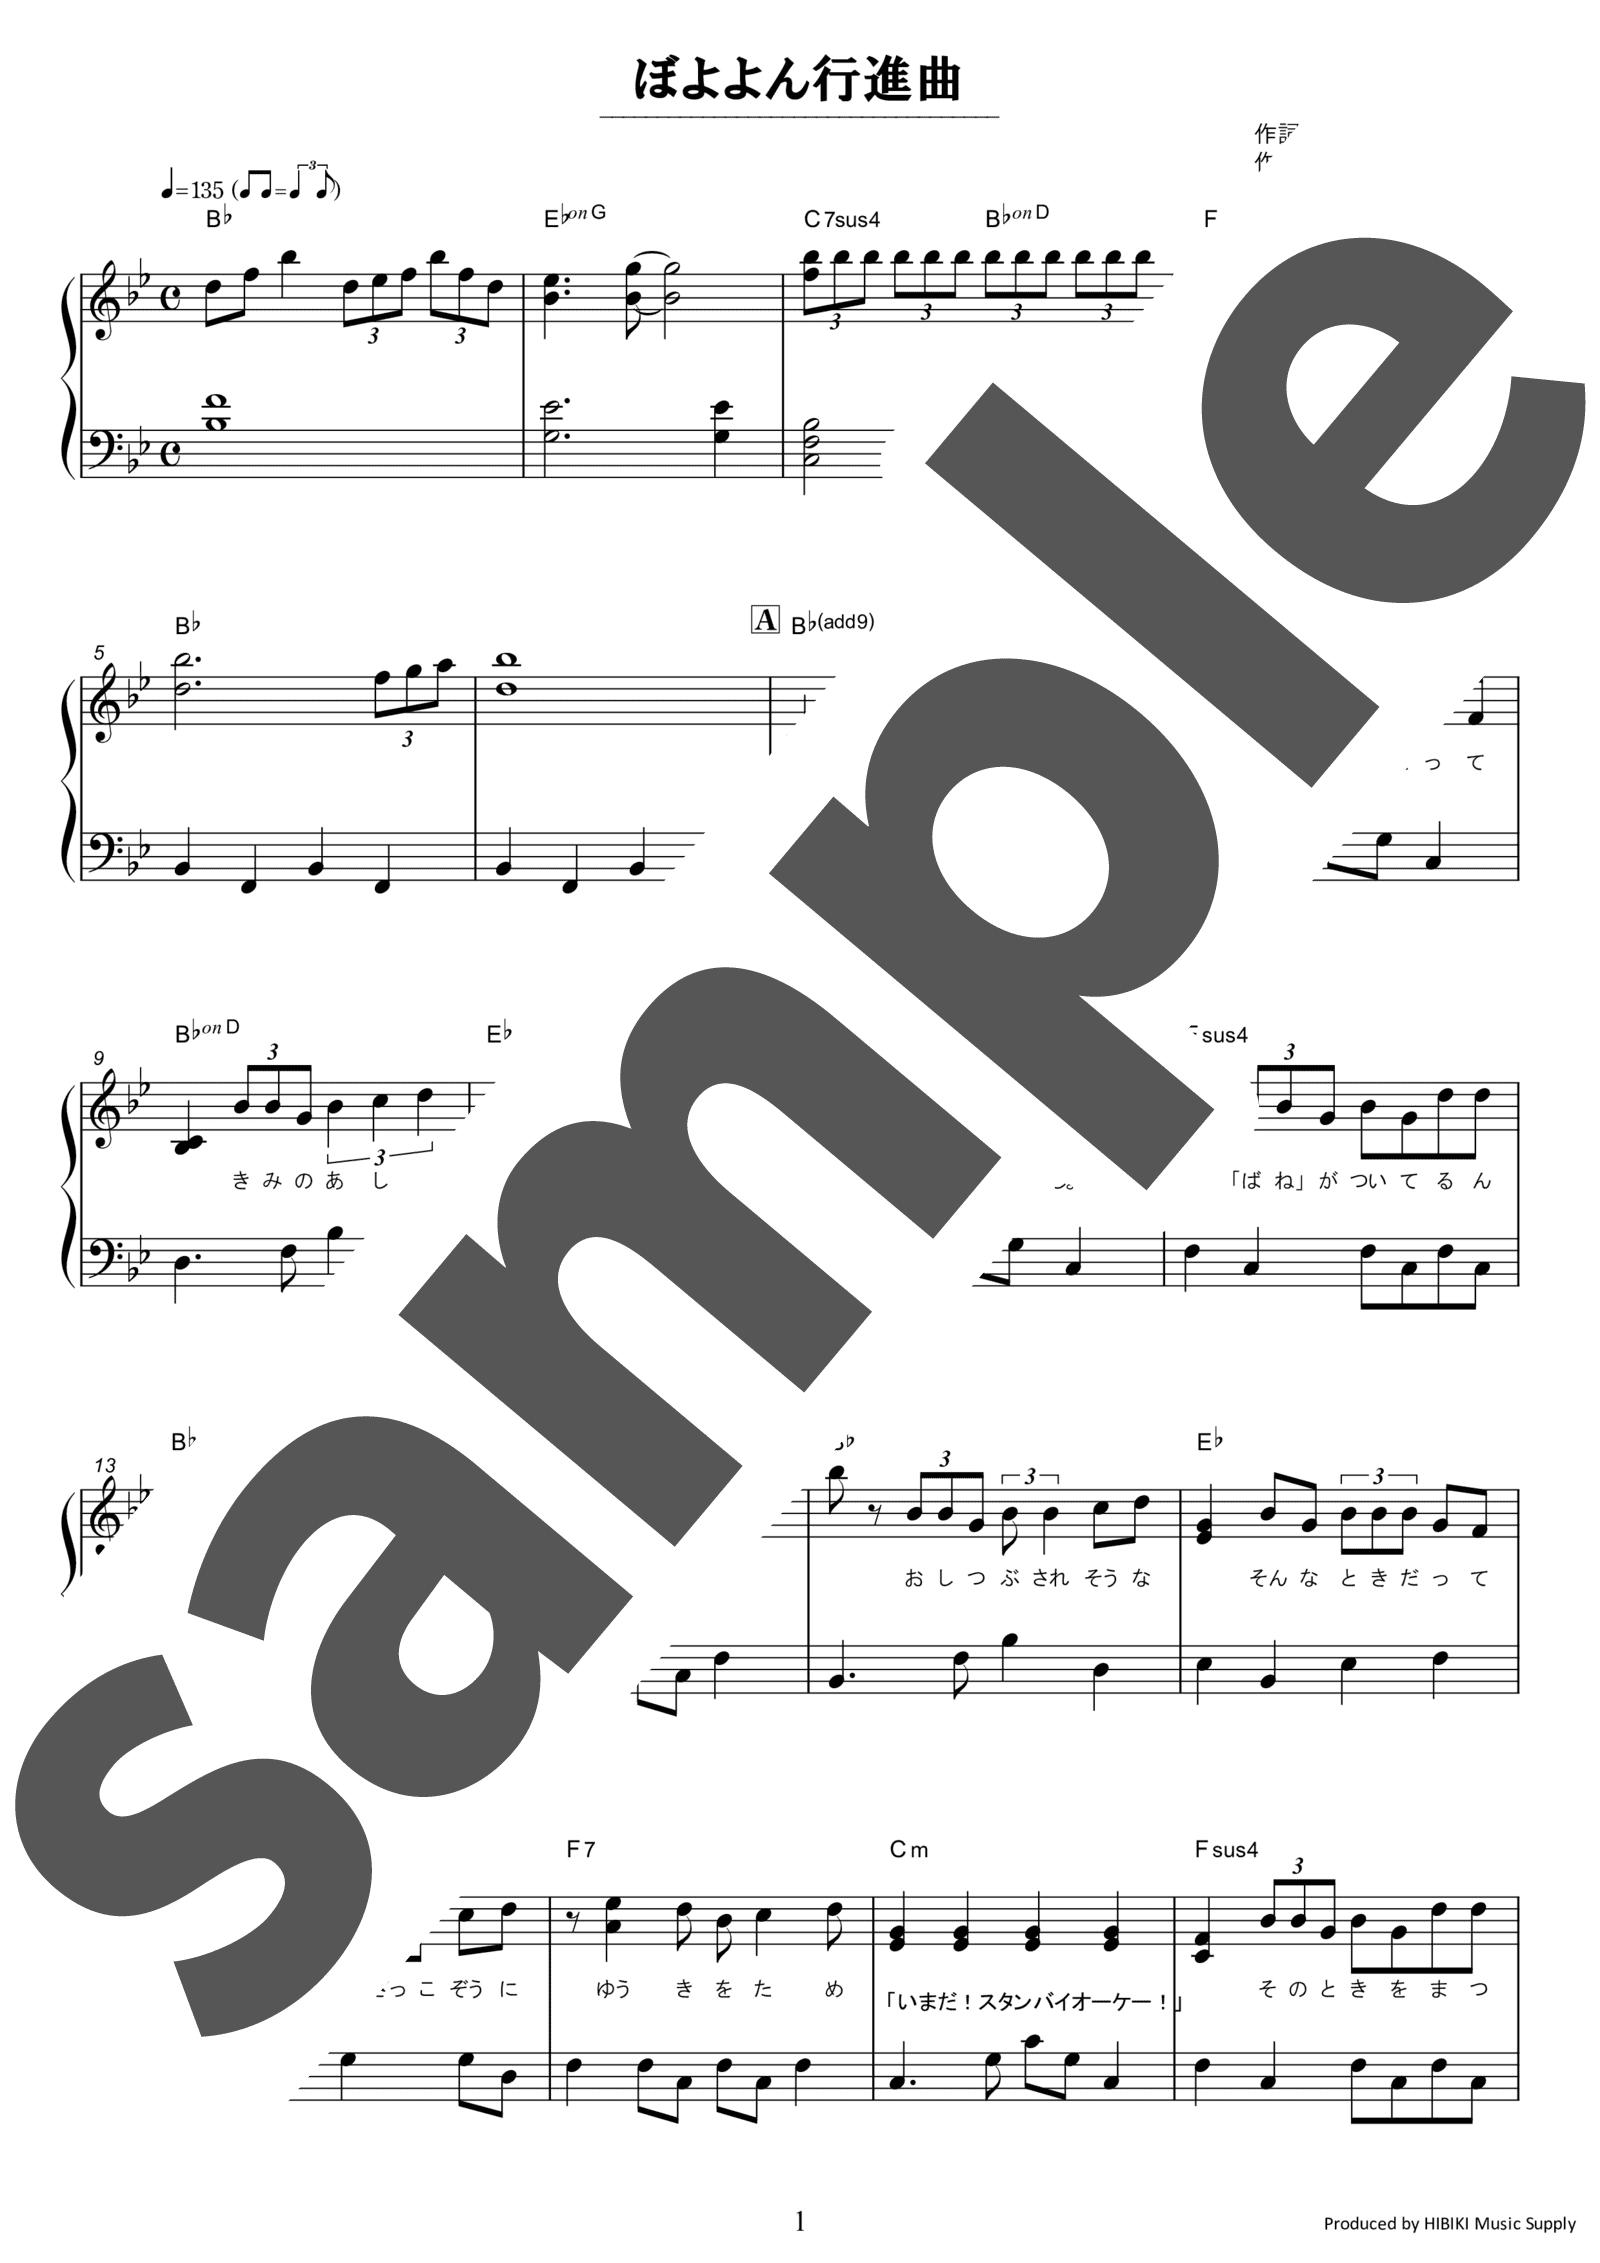 「ぼよよん行進曲」のサンプル楽譜